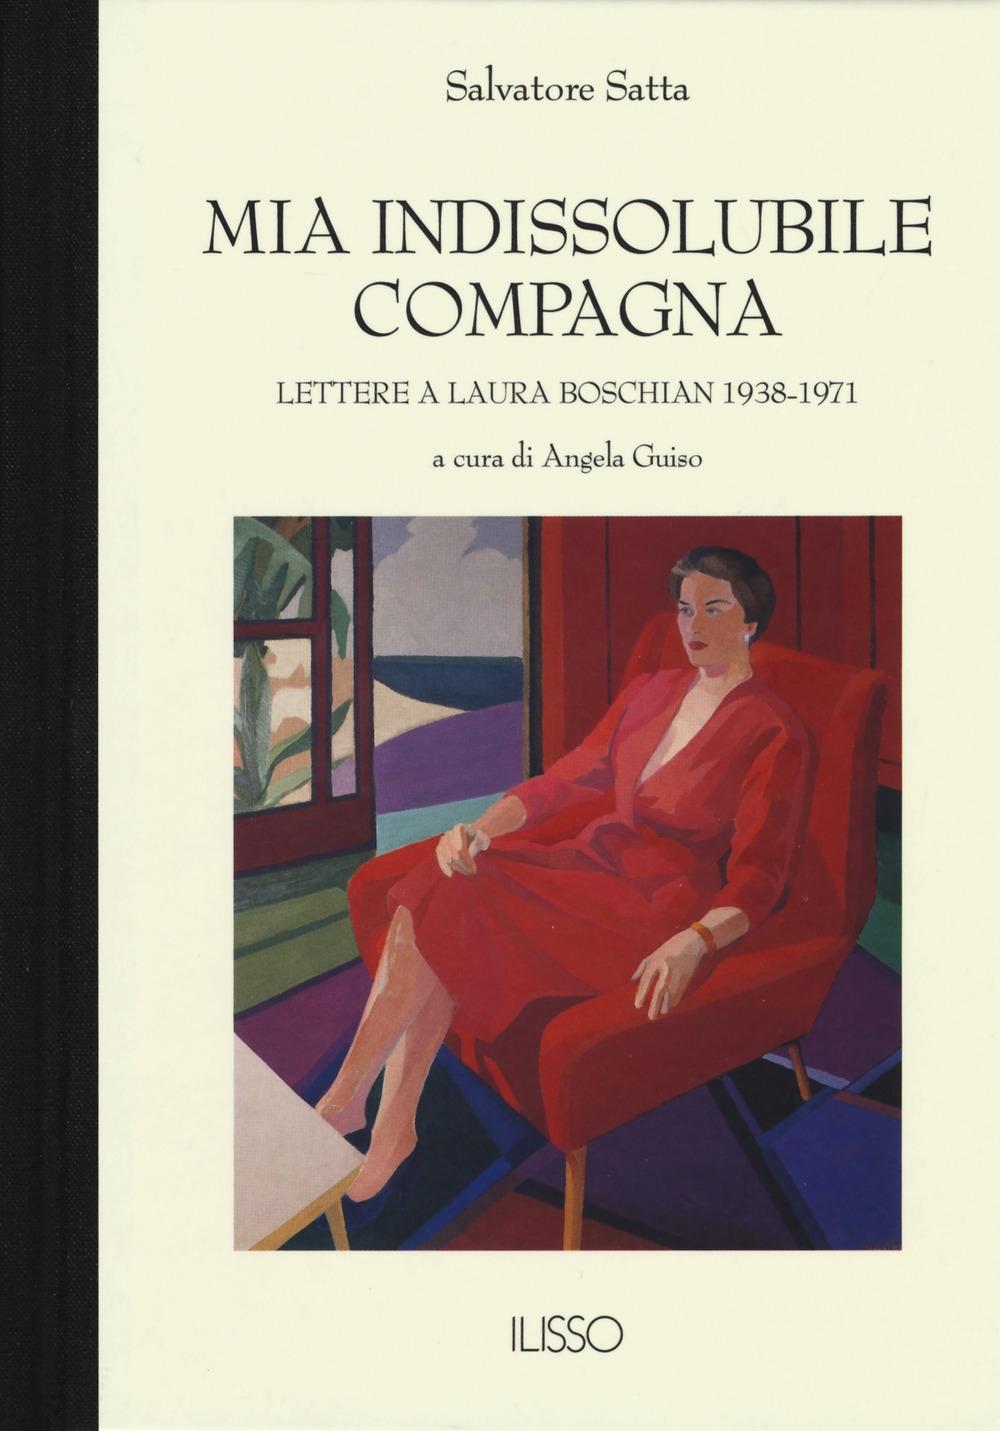 Mia indissolubile compagna. Lettere a Laura Boschian 1938-1971